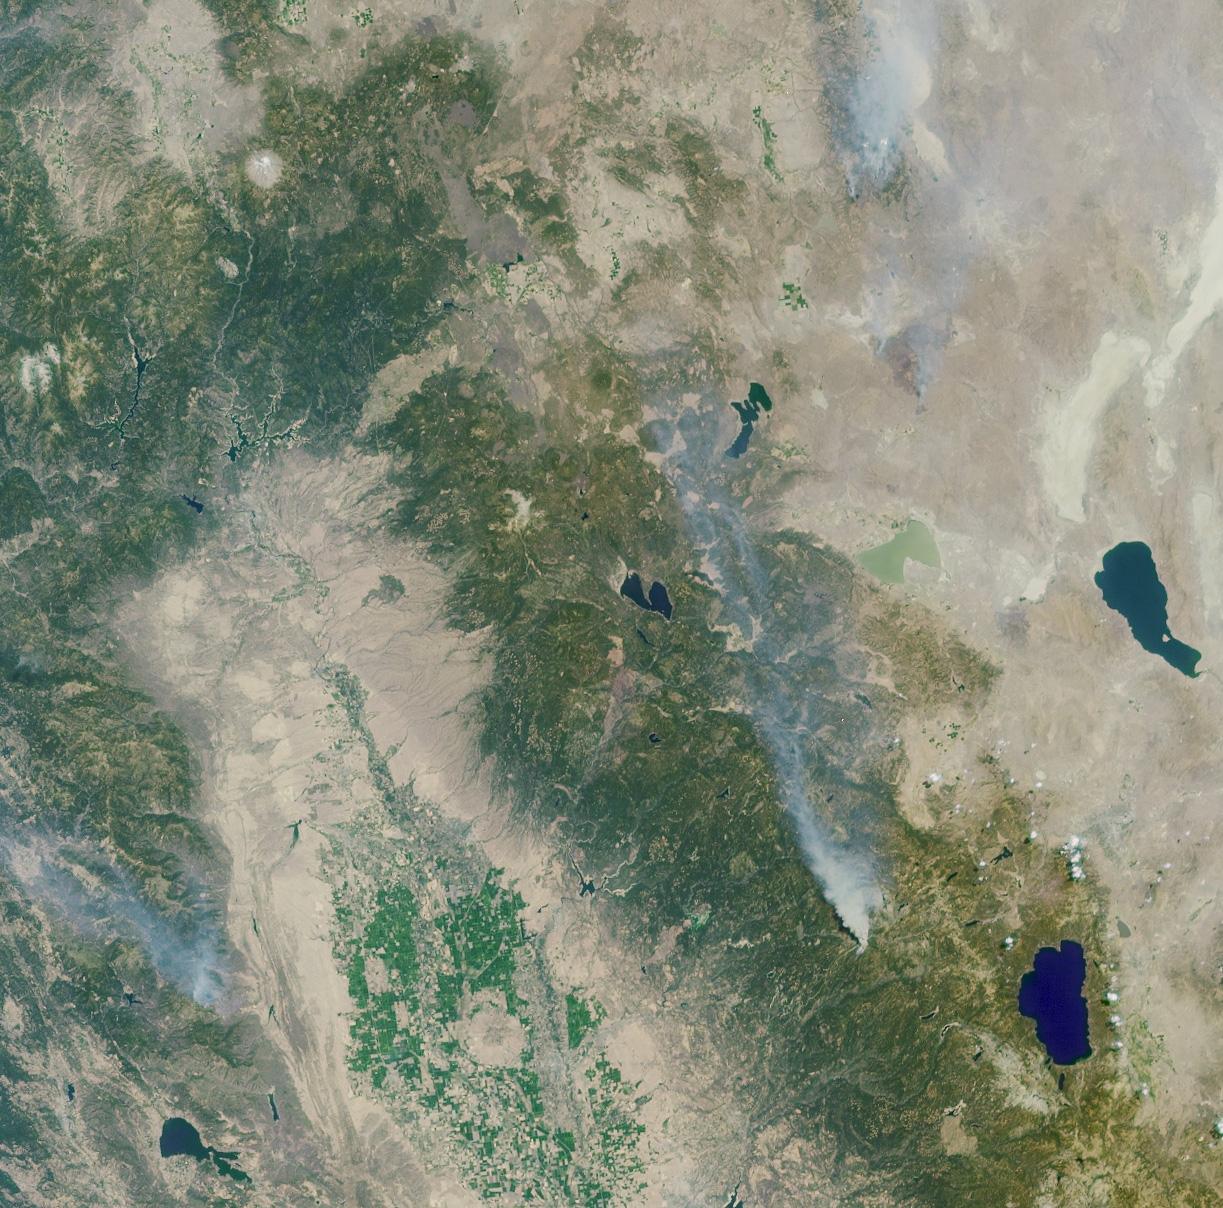 Vista Panorámica del fuego de Emigrant Gap, California